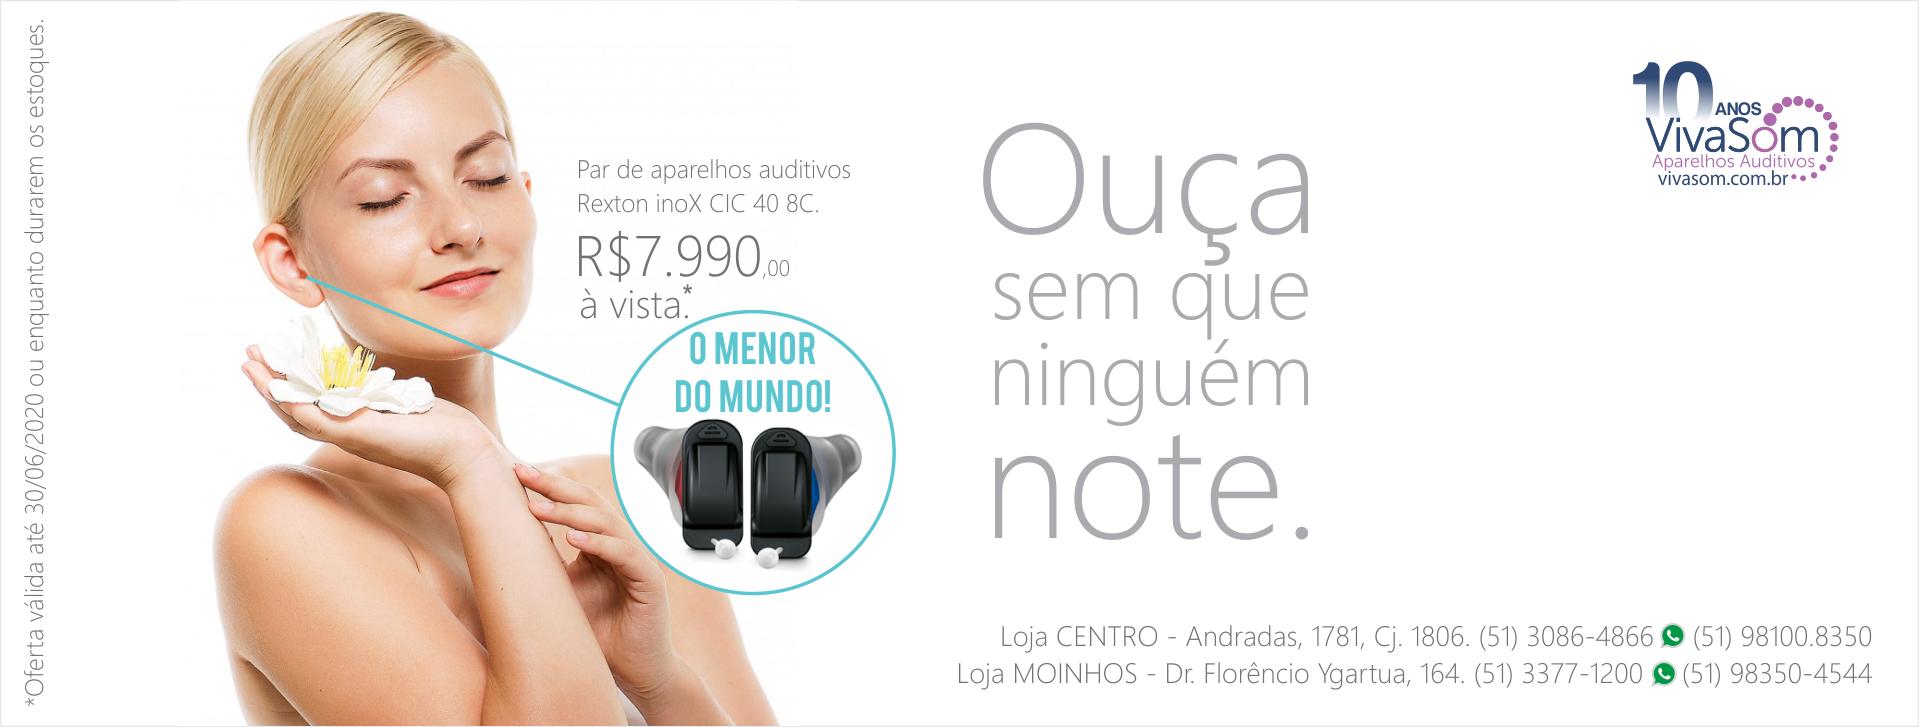 Menor aparelho auditivo do mundo